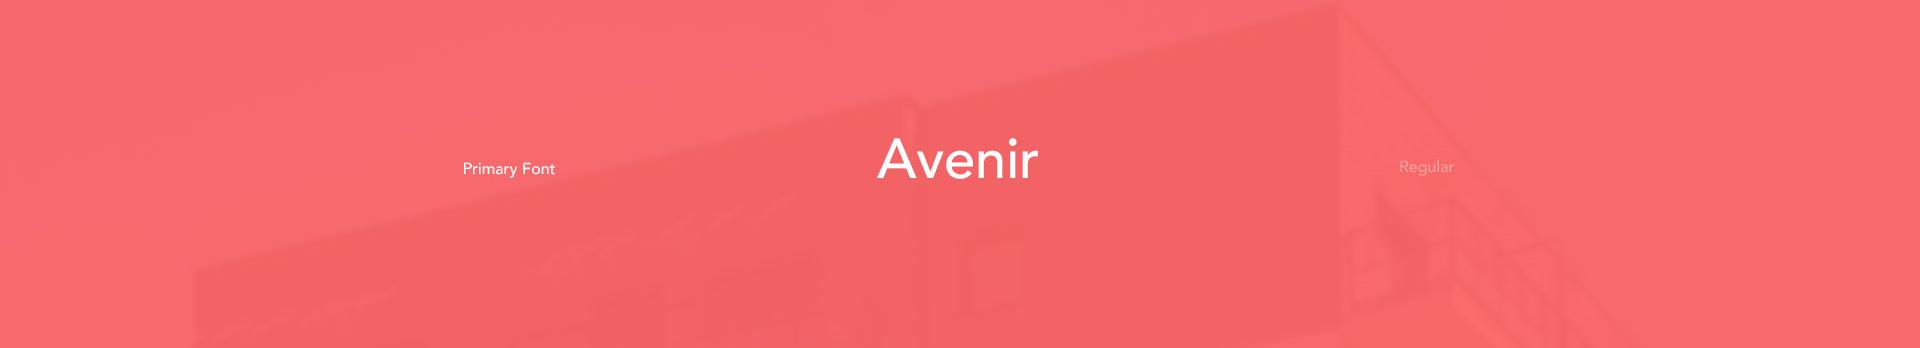 czcionka font avenir przy stronie lokum inwest